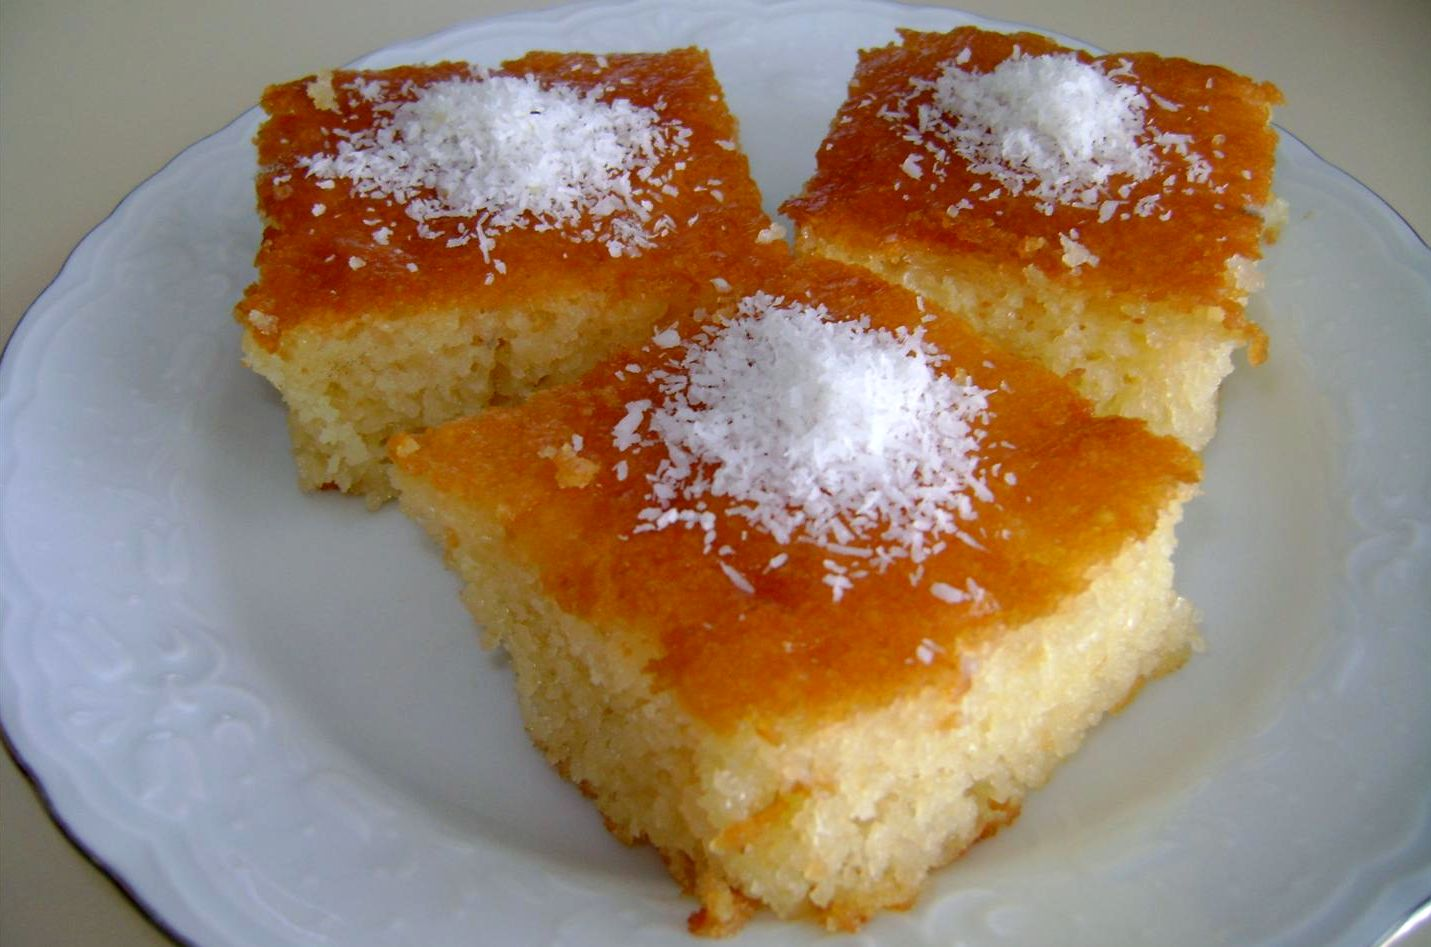 φούρνου συνταγές σιρόπι Ραβανί επιδόρπια γλυκά